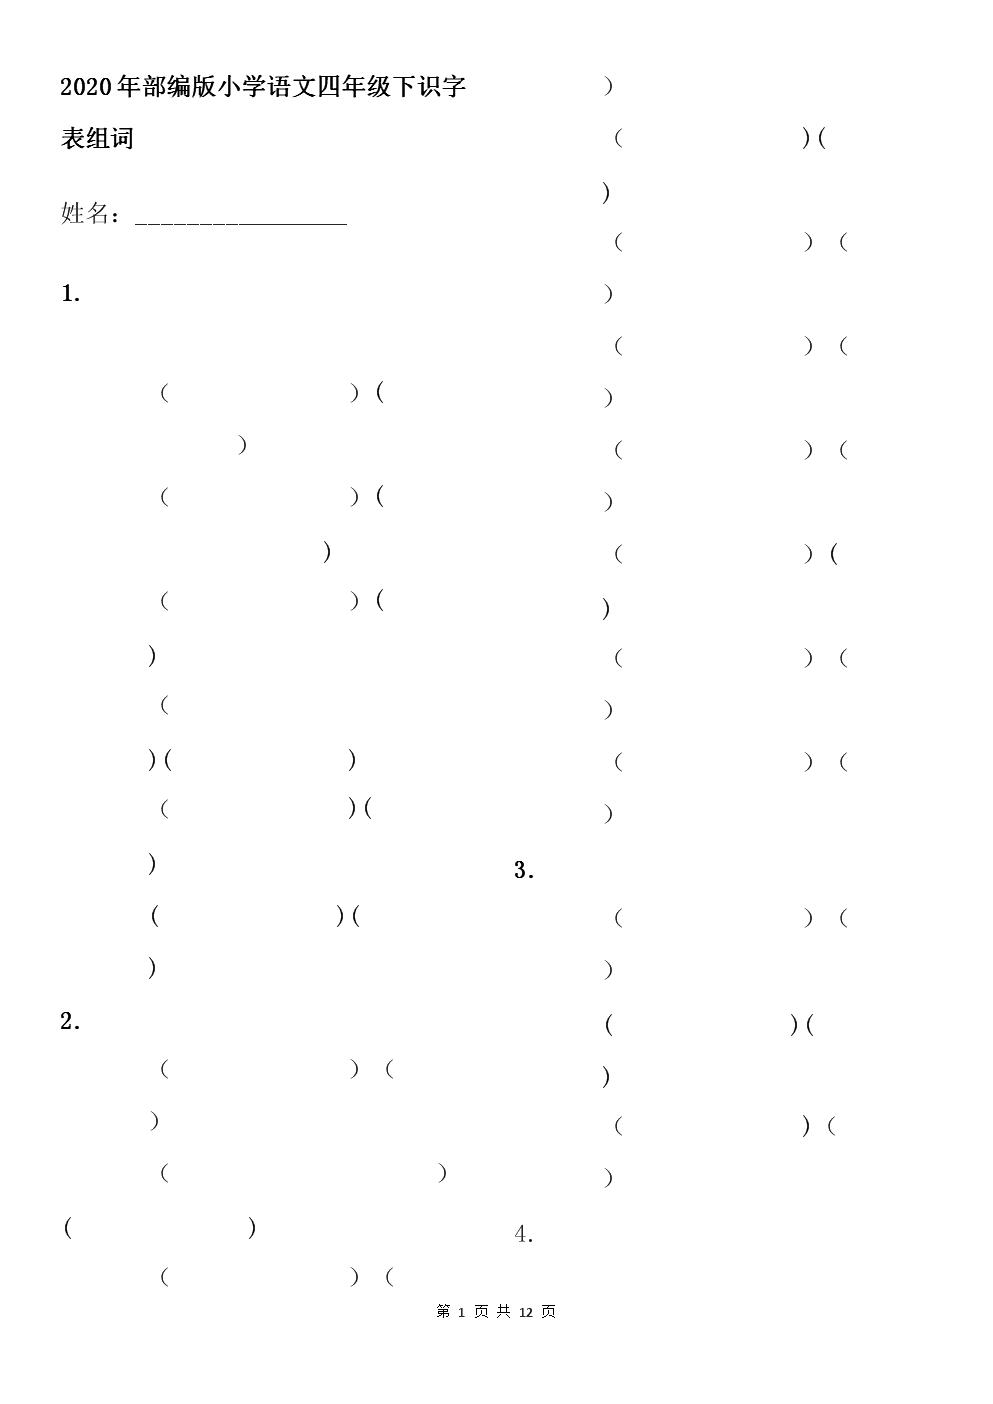 2020年部编版四年级语文下册识字表组词拼音注音版.doc